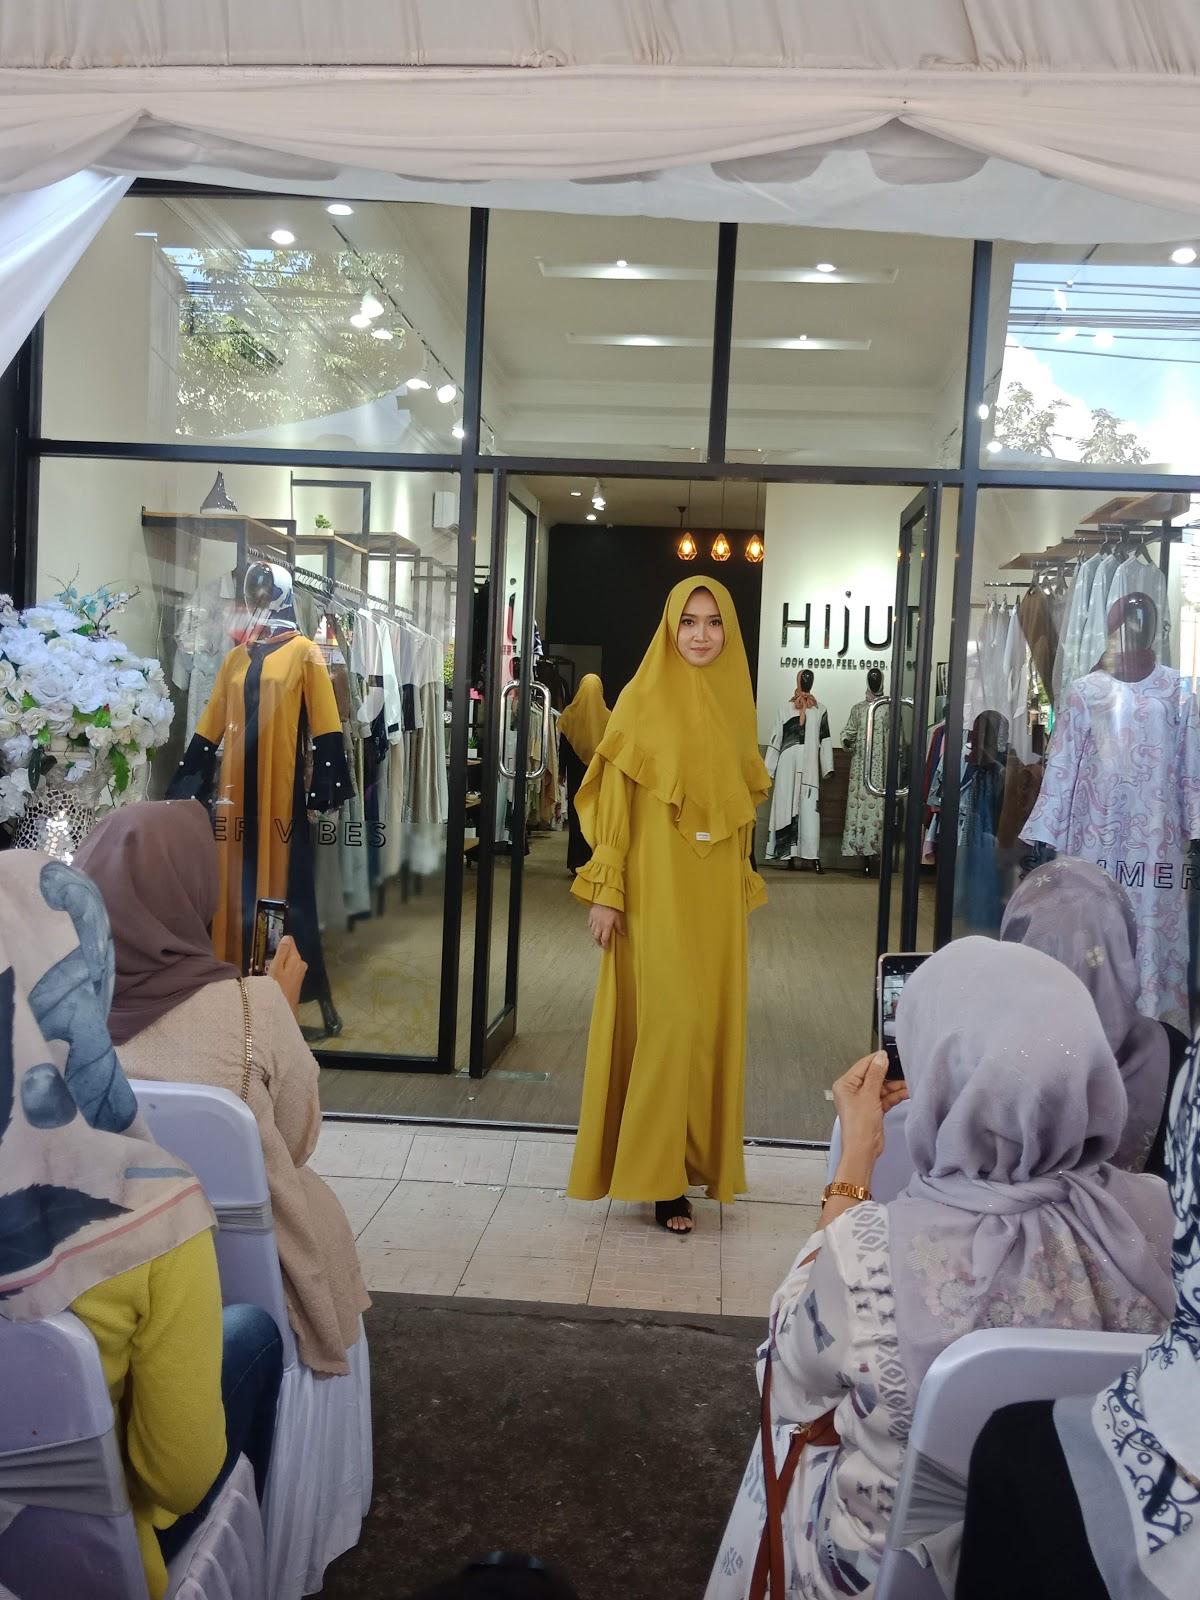 Hijup Store Makassar